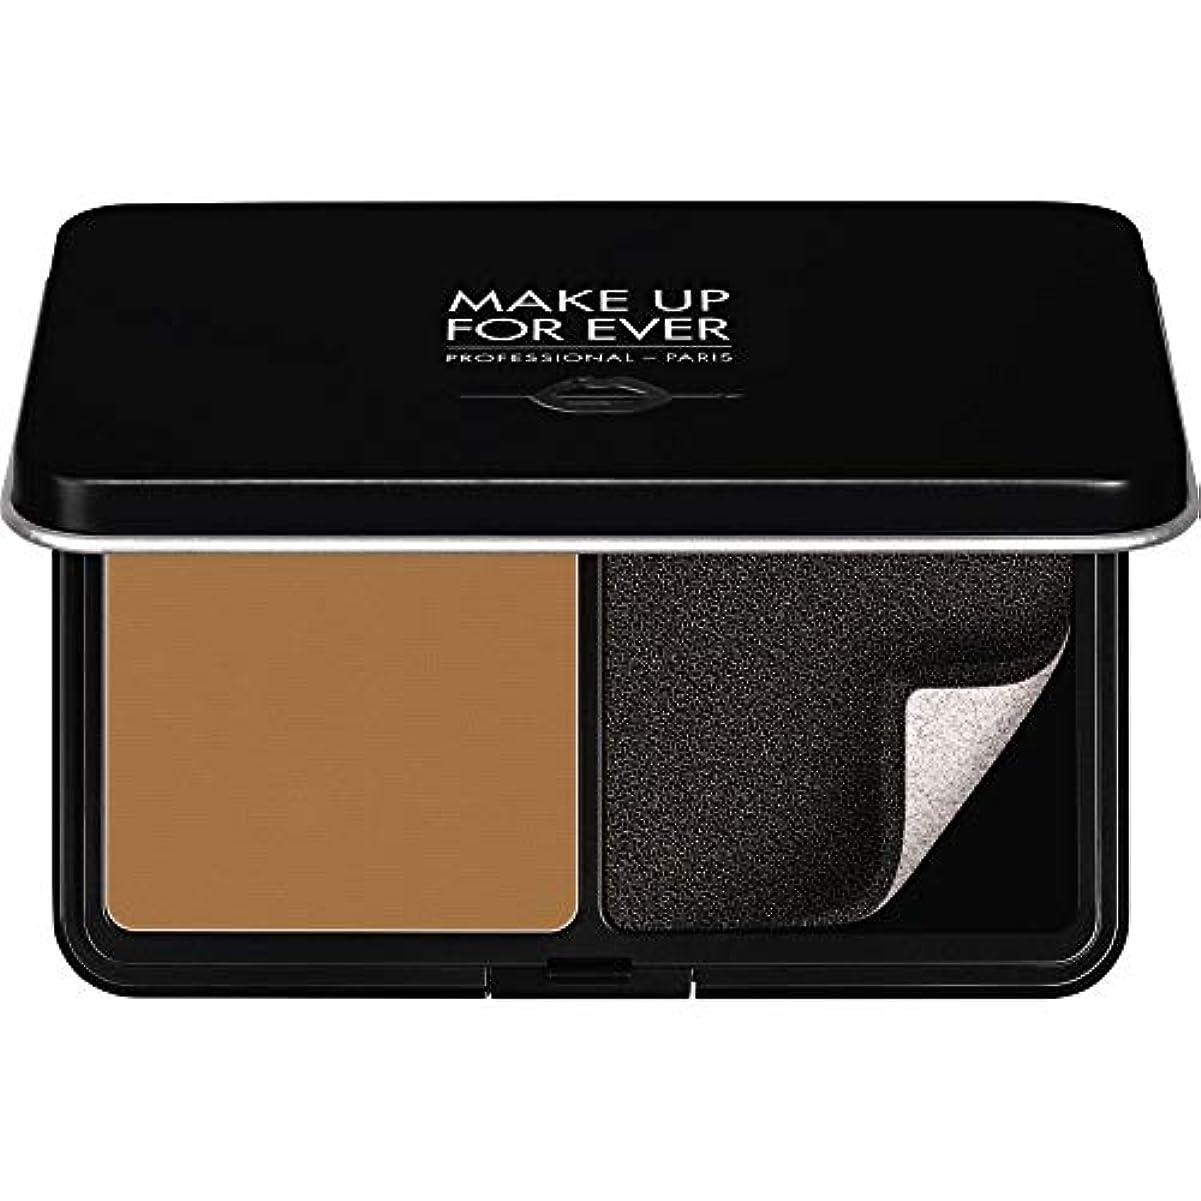 批判半導体解放する[MAKE UP FOR EVER] パウダーファンデーション11GののY505をぼかし、これまでマットベルベットの肌を補う - コニャック - MAKE UP FOR EVER Matte Velvet Skin Blurring...